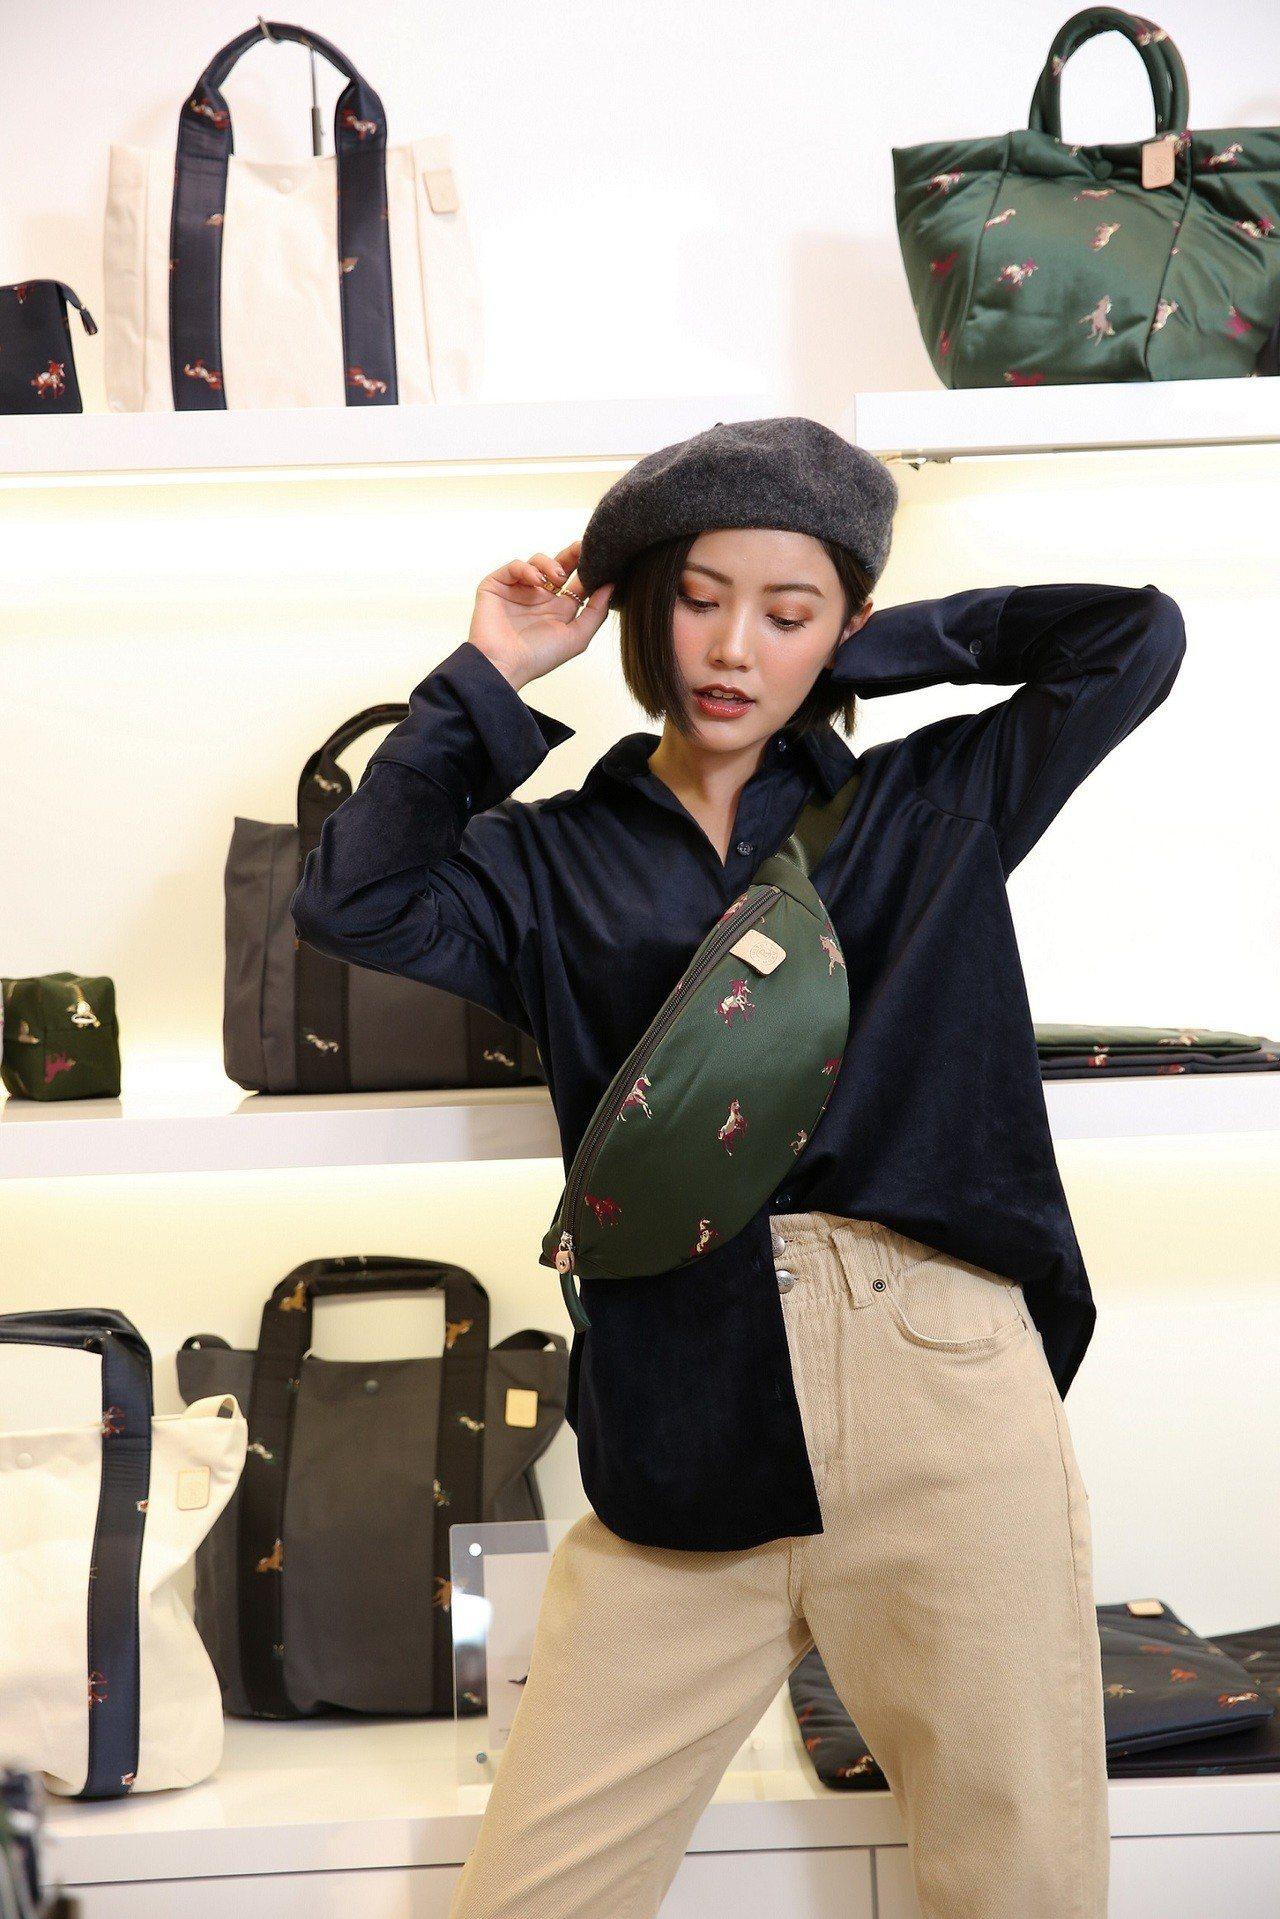 將小包當成胸包在背也是十分流行的背法。圖/russet提供